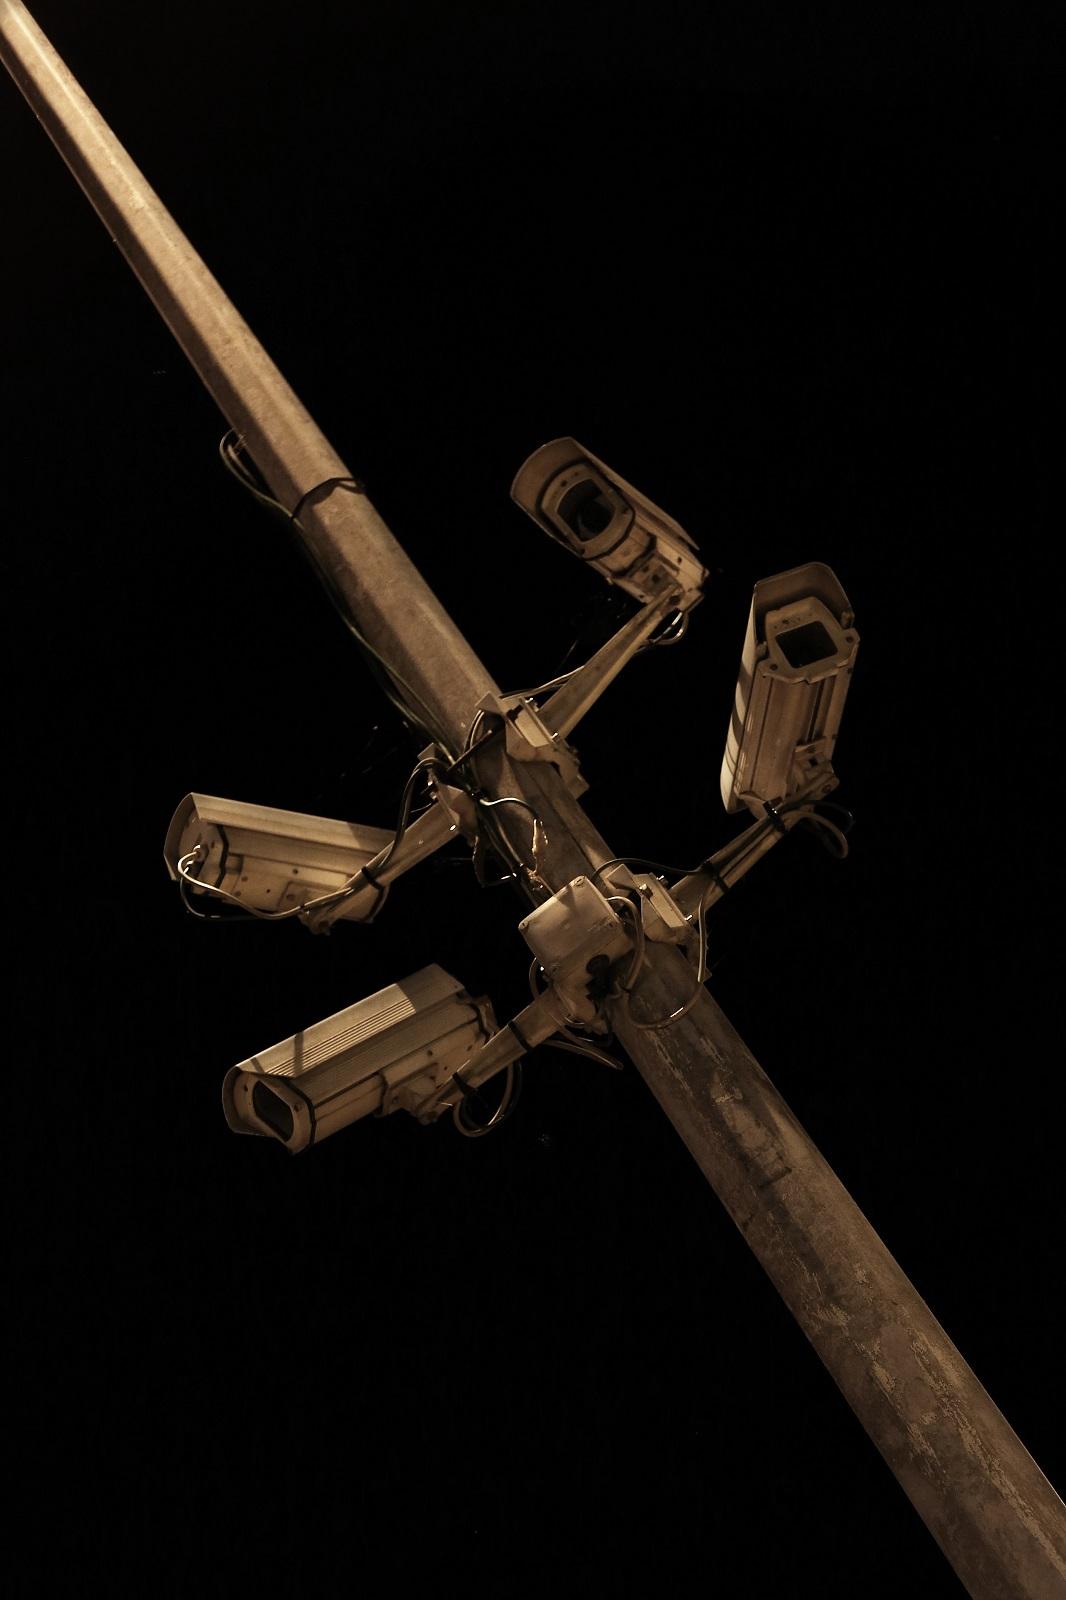 Caméras de surveillance, loi sécurité globale